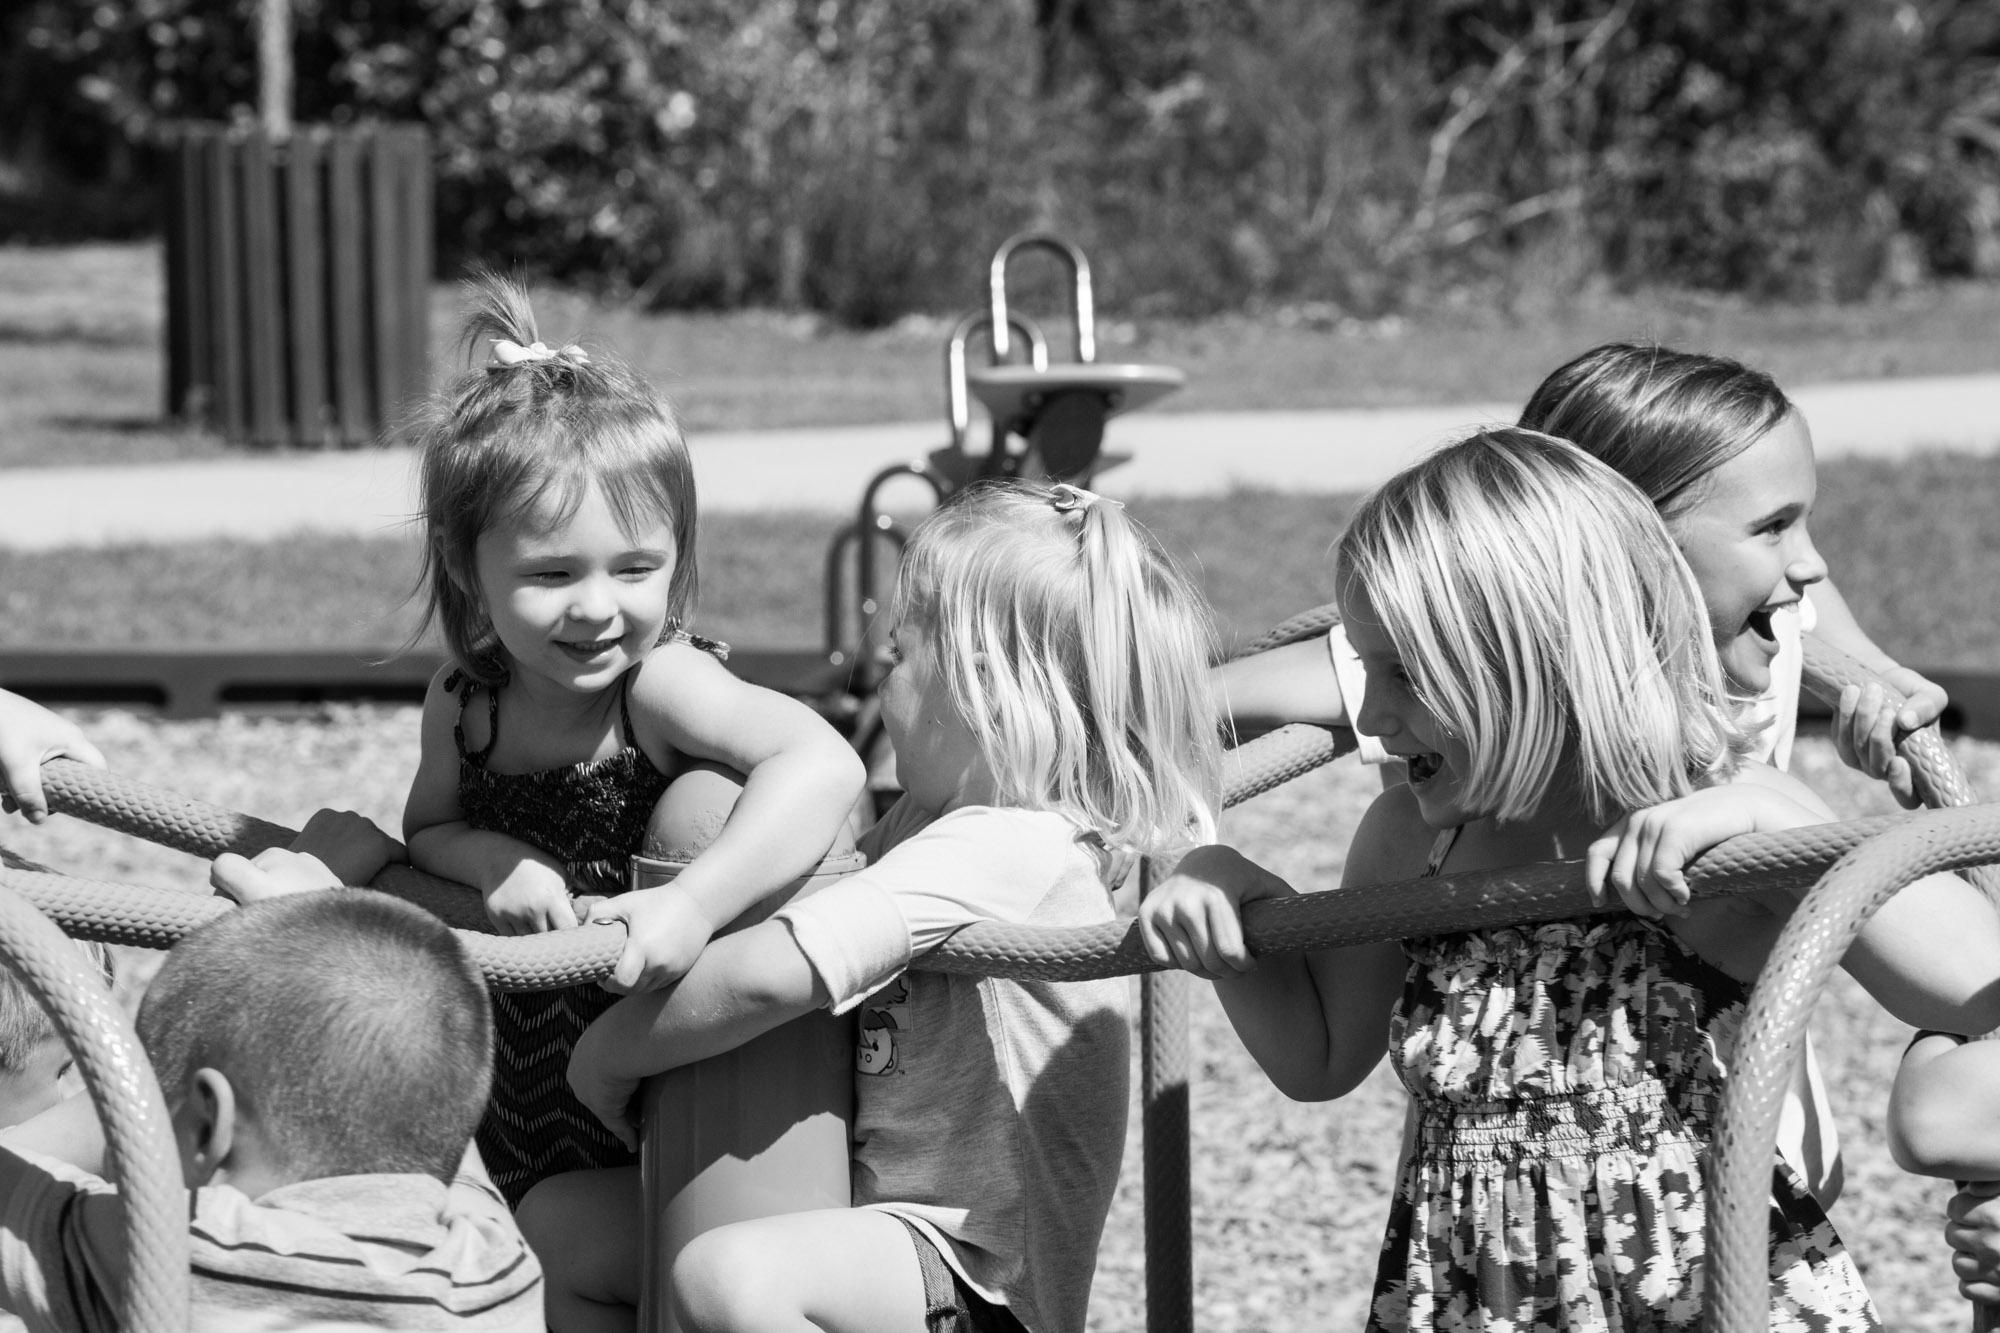 jacksonville-family-photography-113.jpg